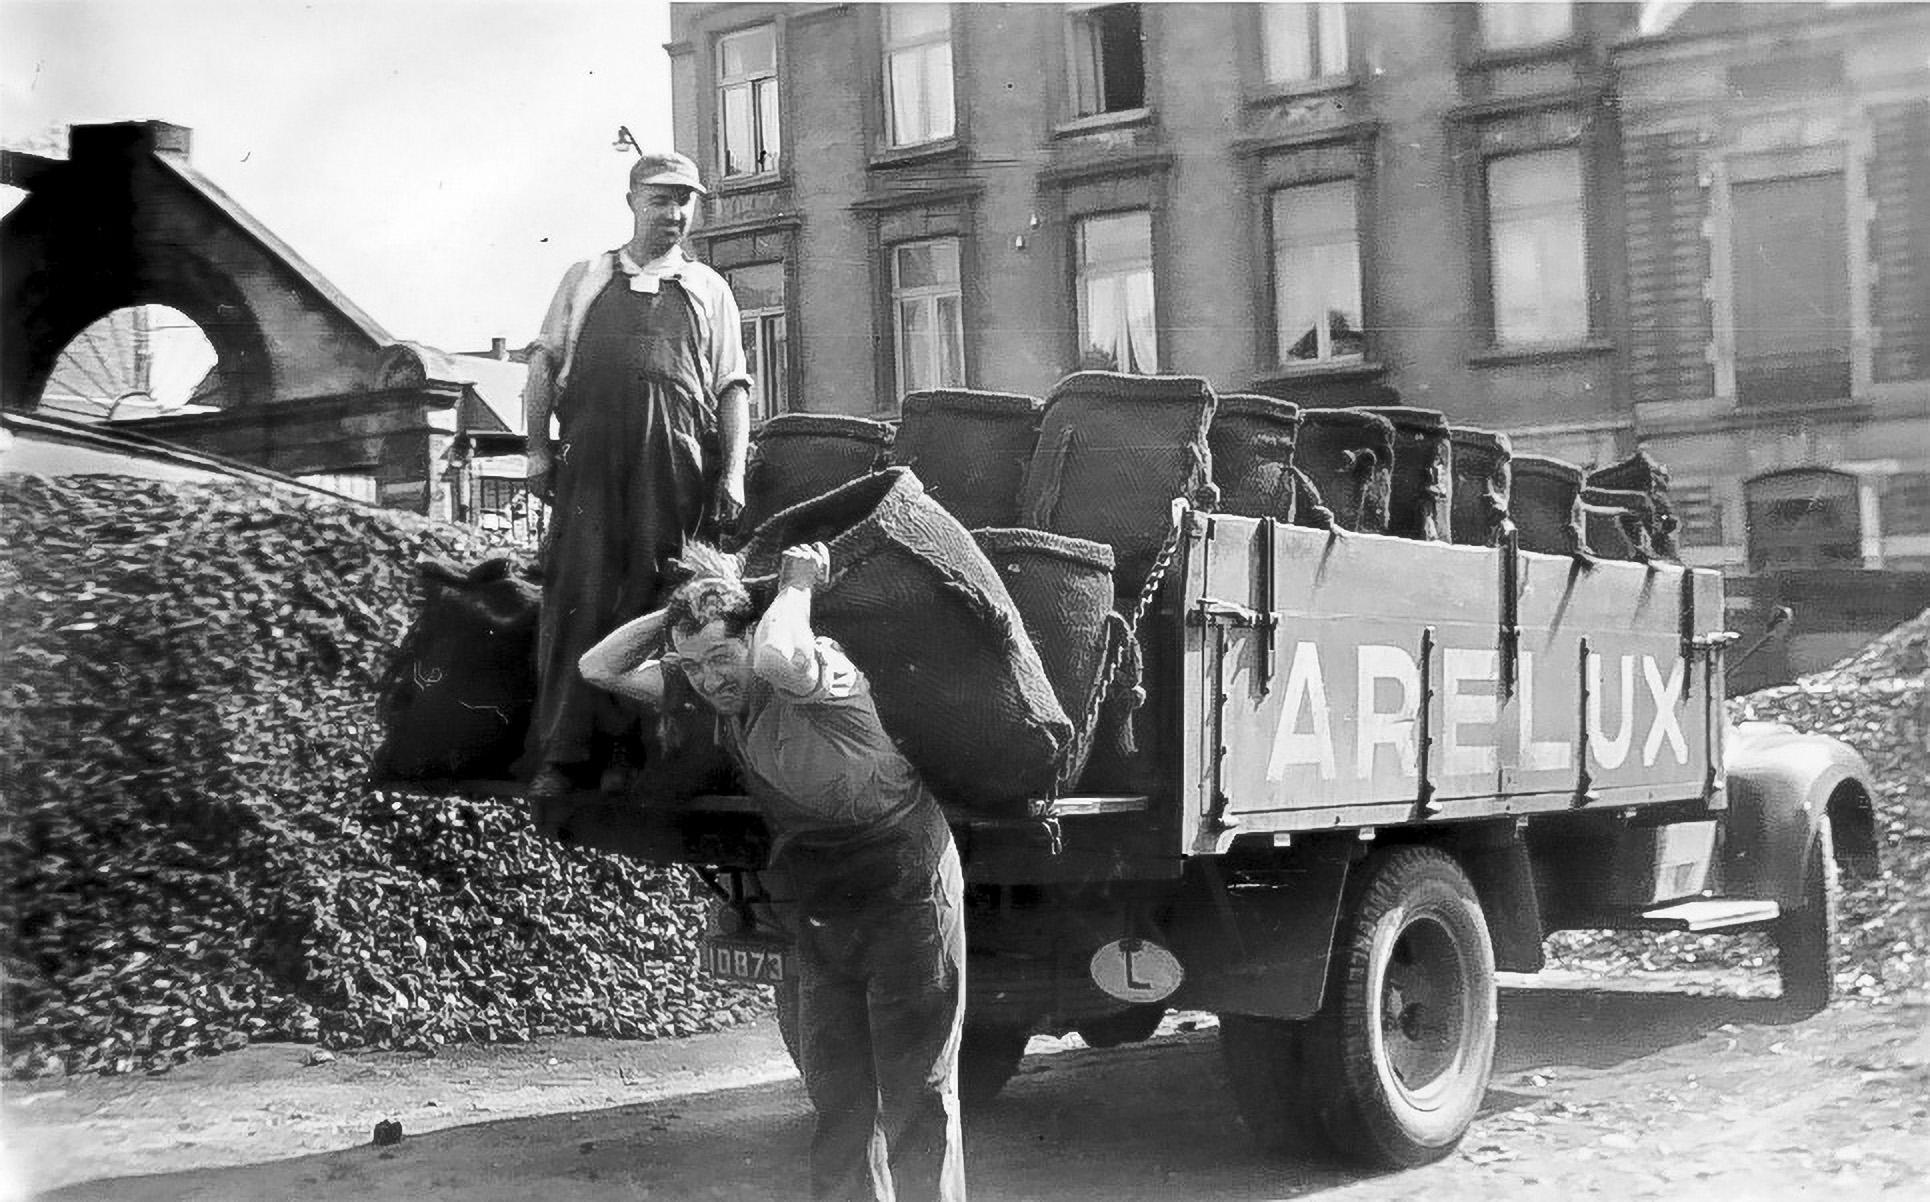 Camion de livraison Arelux (1955). L'ère du charbon s'achève, place au pétrole.